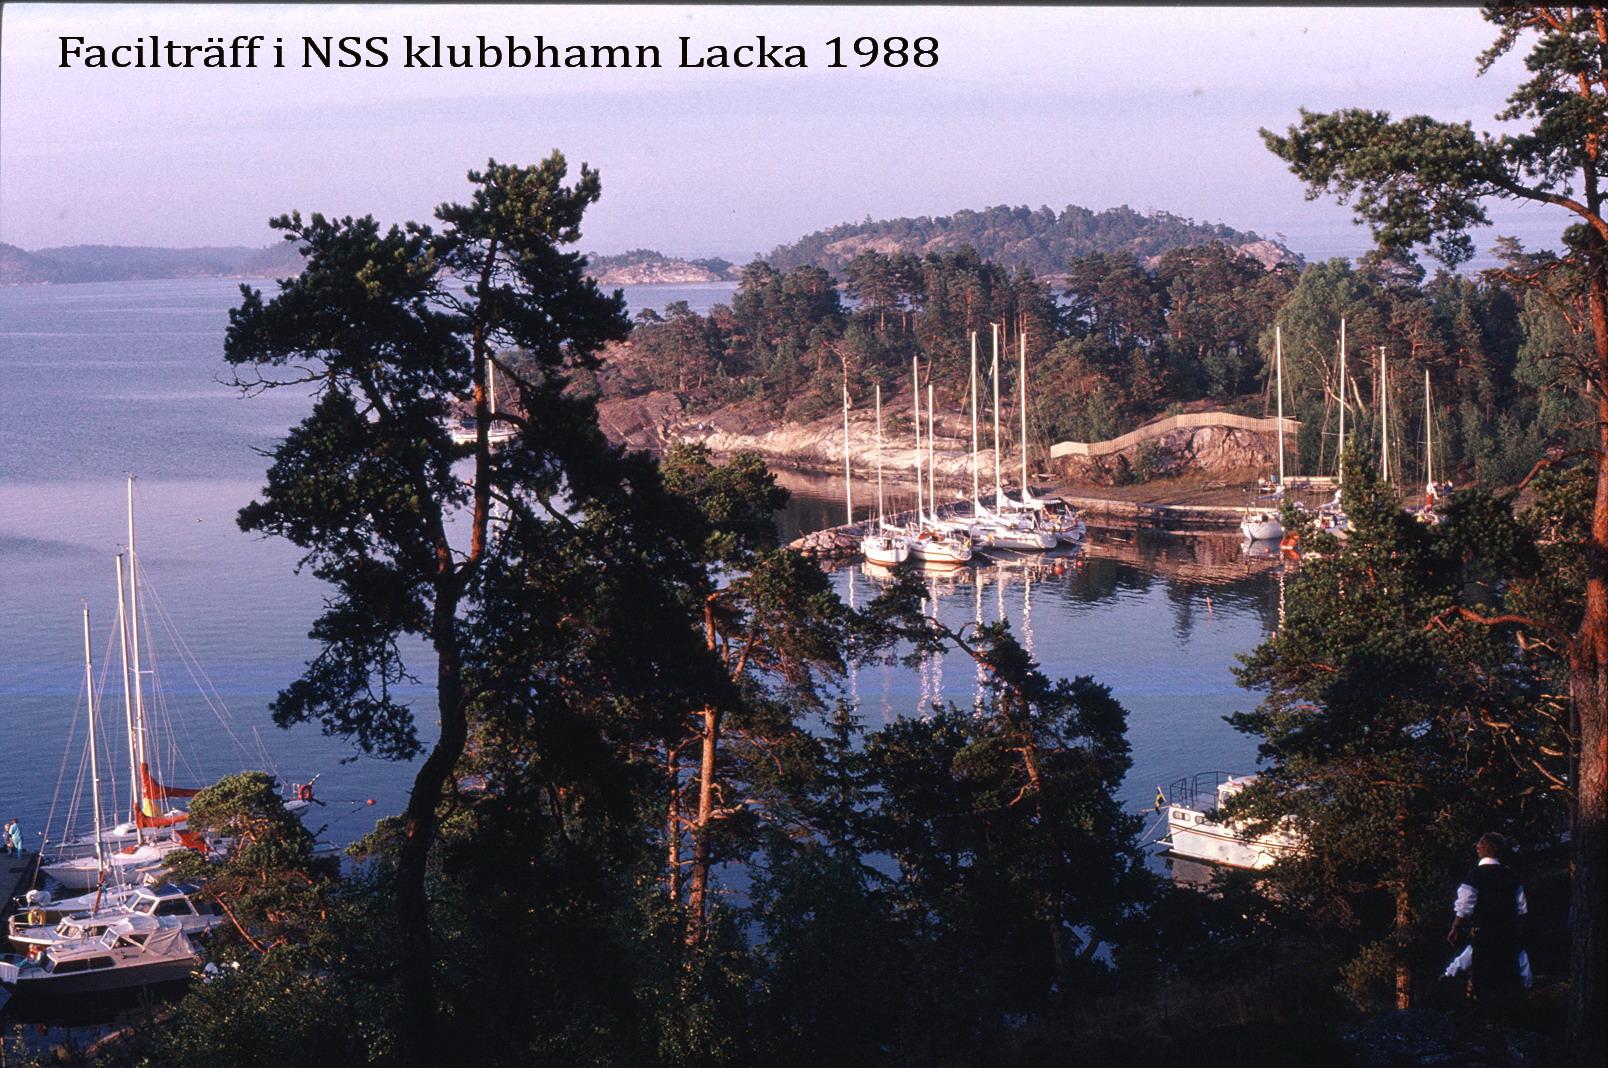 88-116 Nynäs Lacka